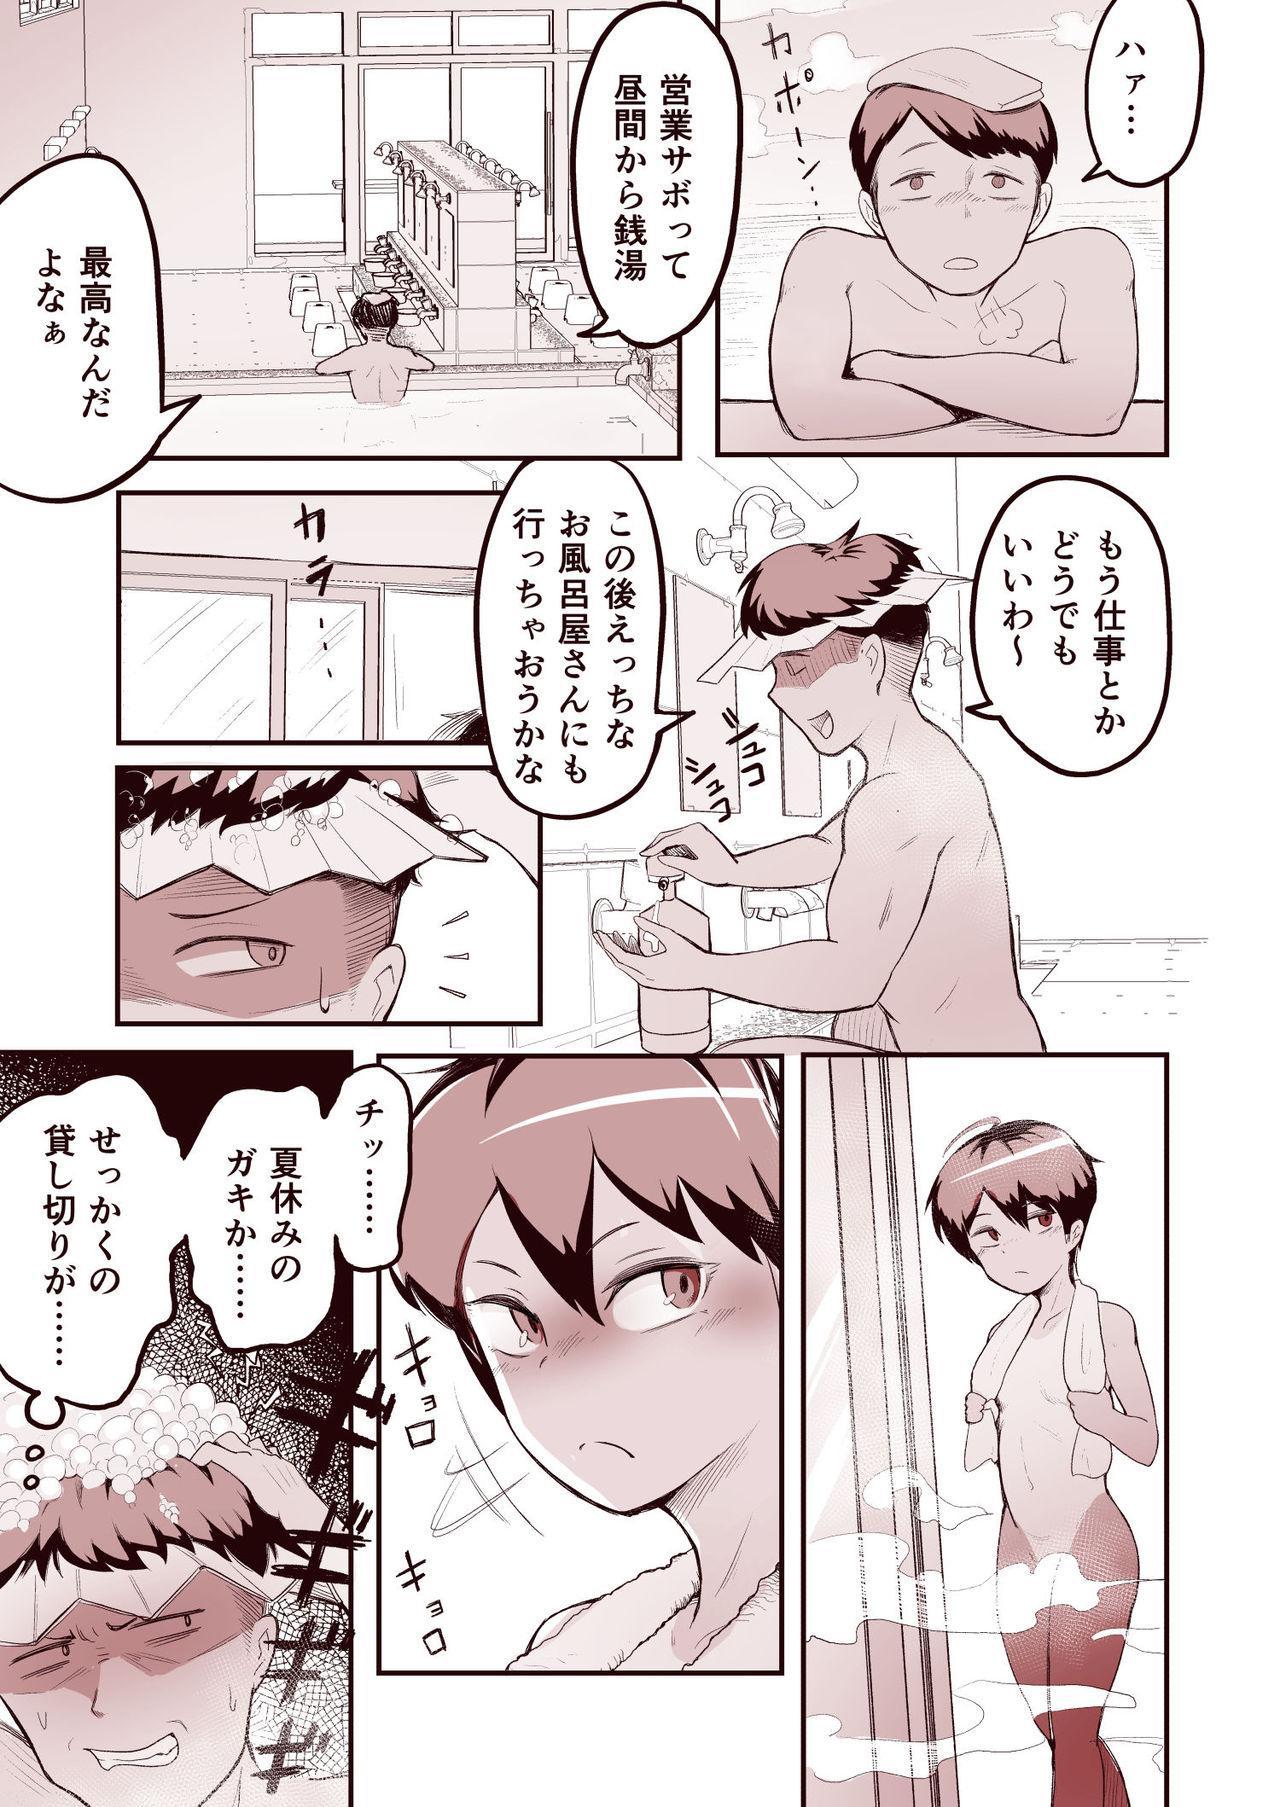 Mesugaki Boyish Bath Time Shitsuke no natte nai Loli Bitch ni Ofuro no Manner o Tatakikome! 39